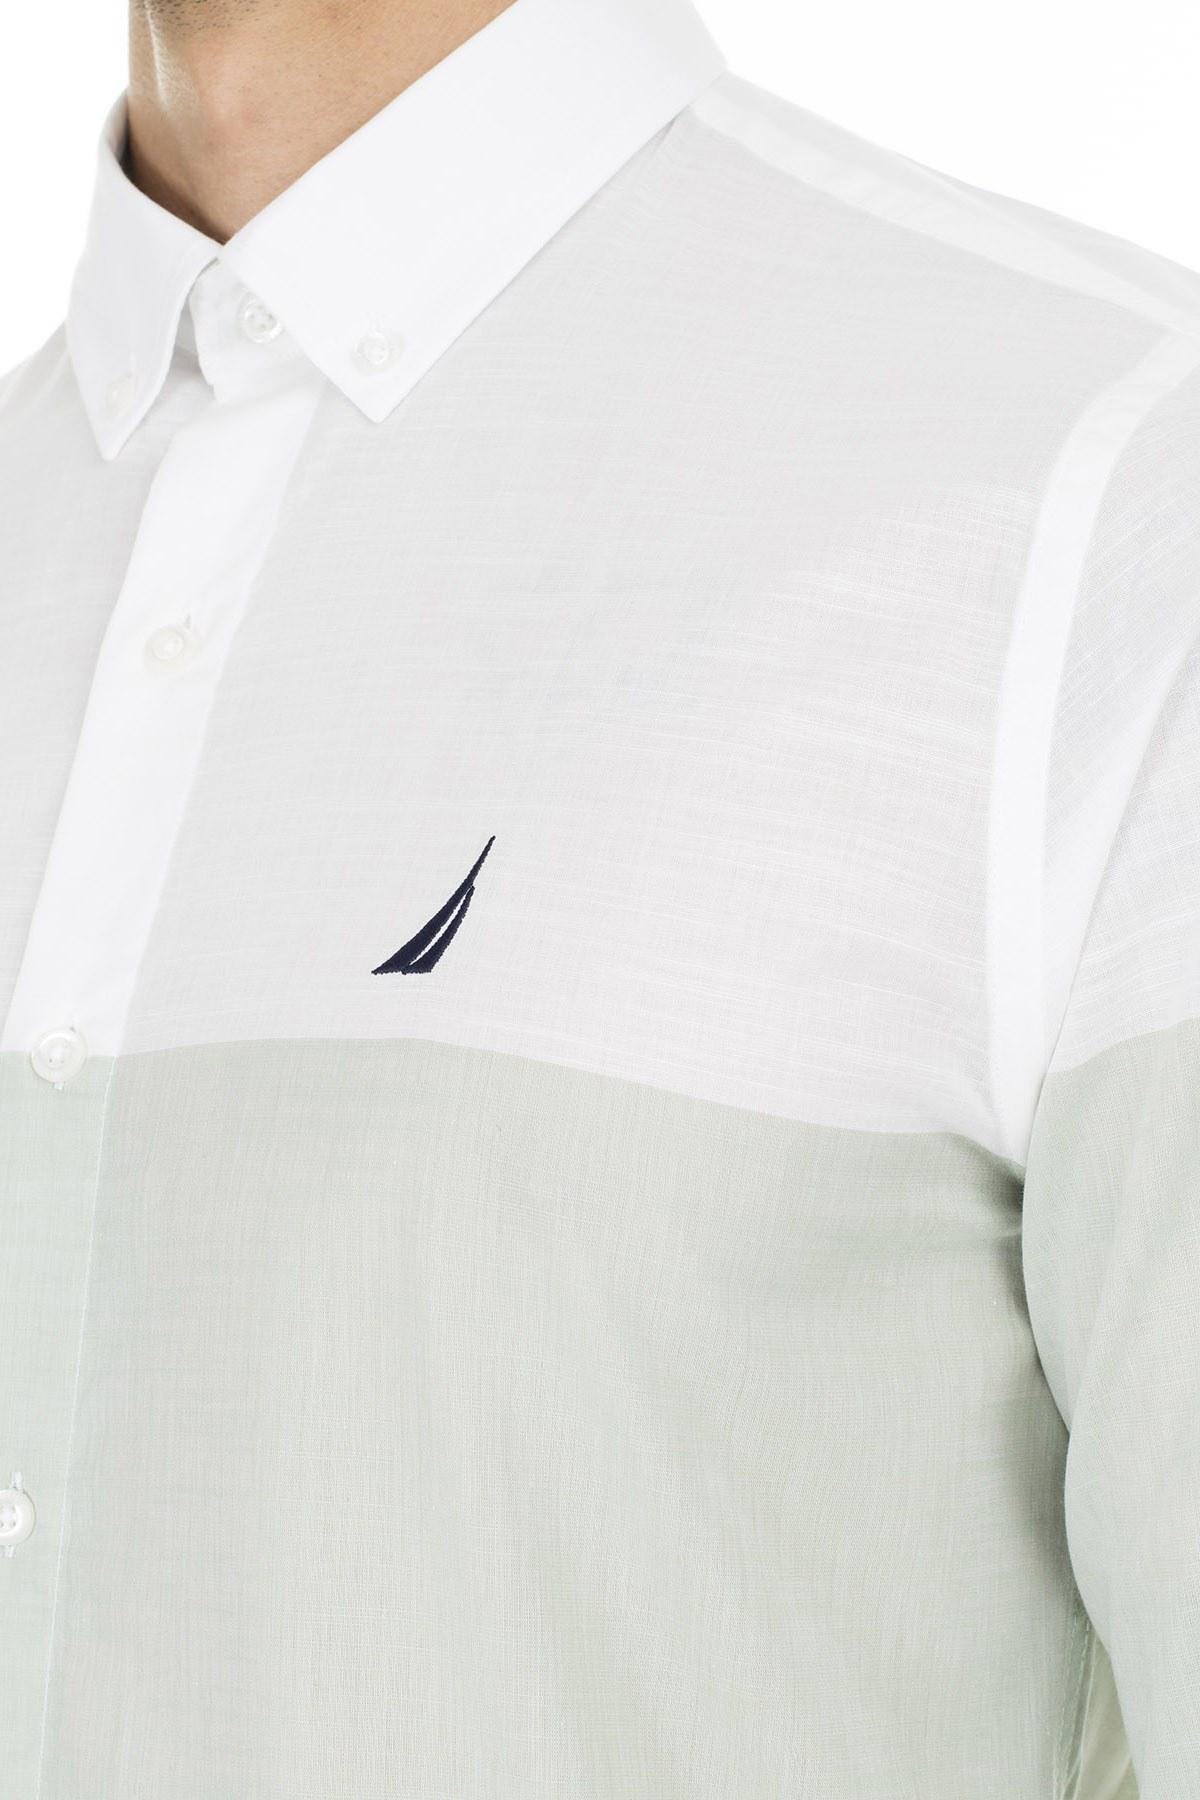 Nautica Düğmeli Yaka % 100 Pamuk Slim Fit Erkek Gömlek W91032T 3EU YEŞİL